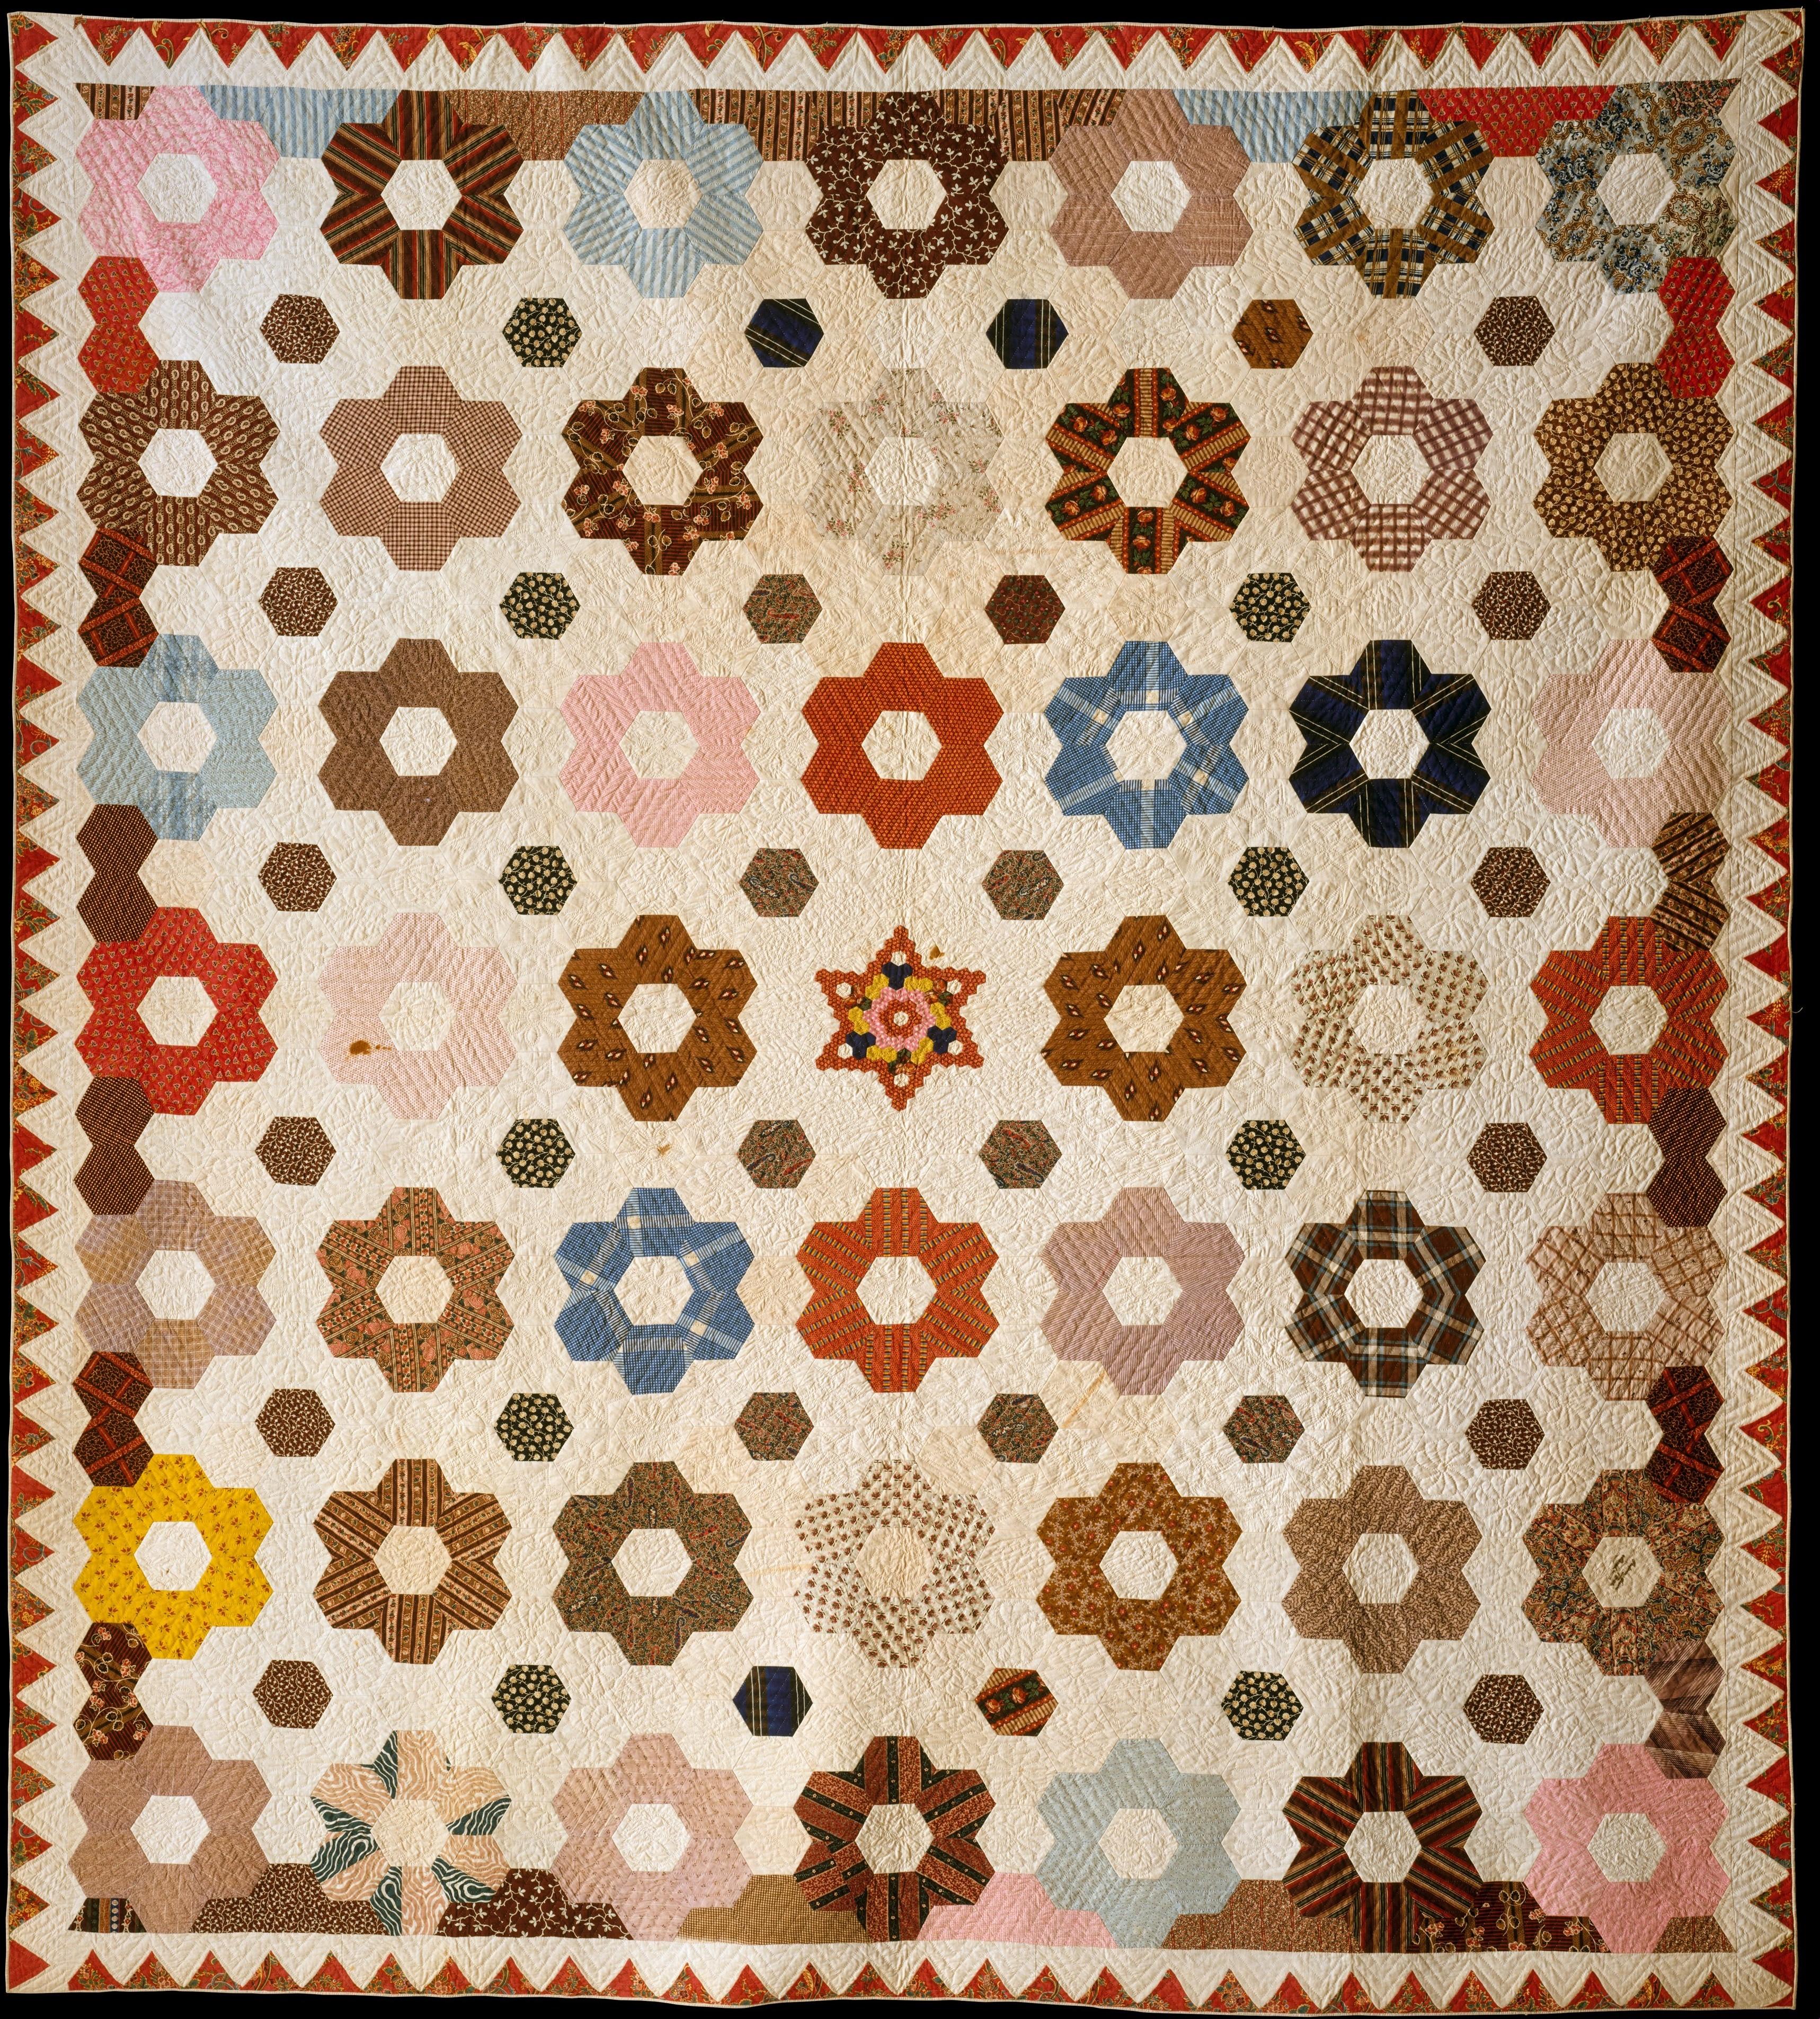 File:Quilt, Hexagon or Honeycomb pattern MET DT1817.jpg ... : honeycomb quilt - Adamdwight.com